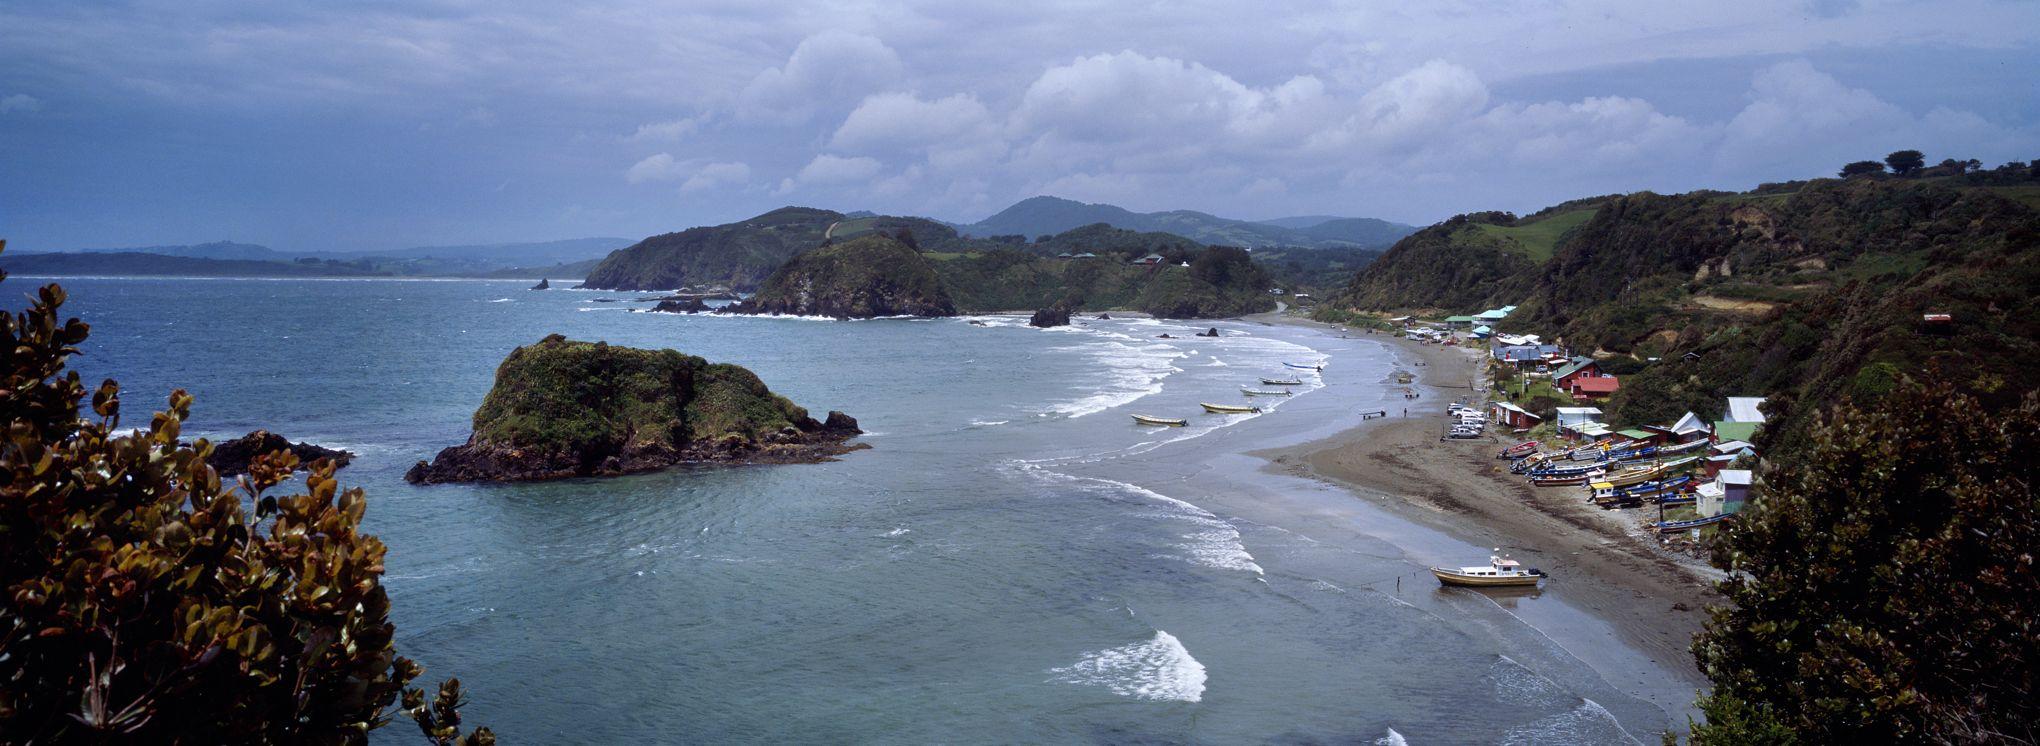 3 bonnes raisons de découvrir Chiloé, île magnifique et méconnue du Chili